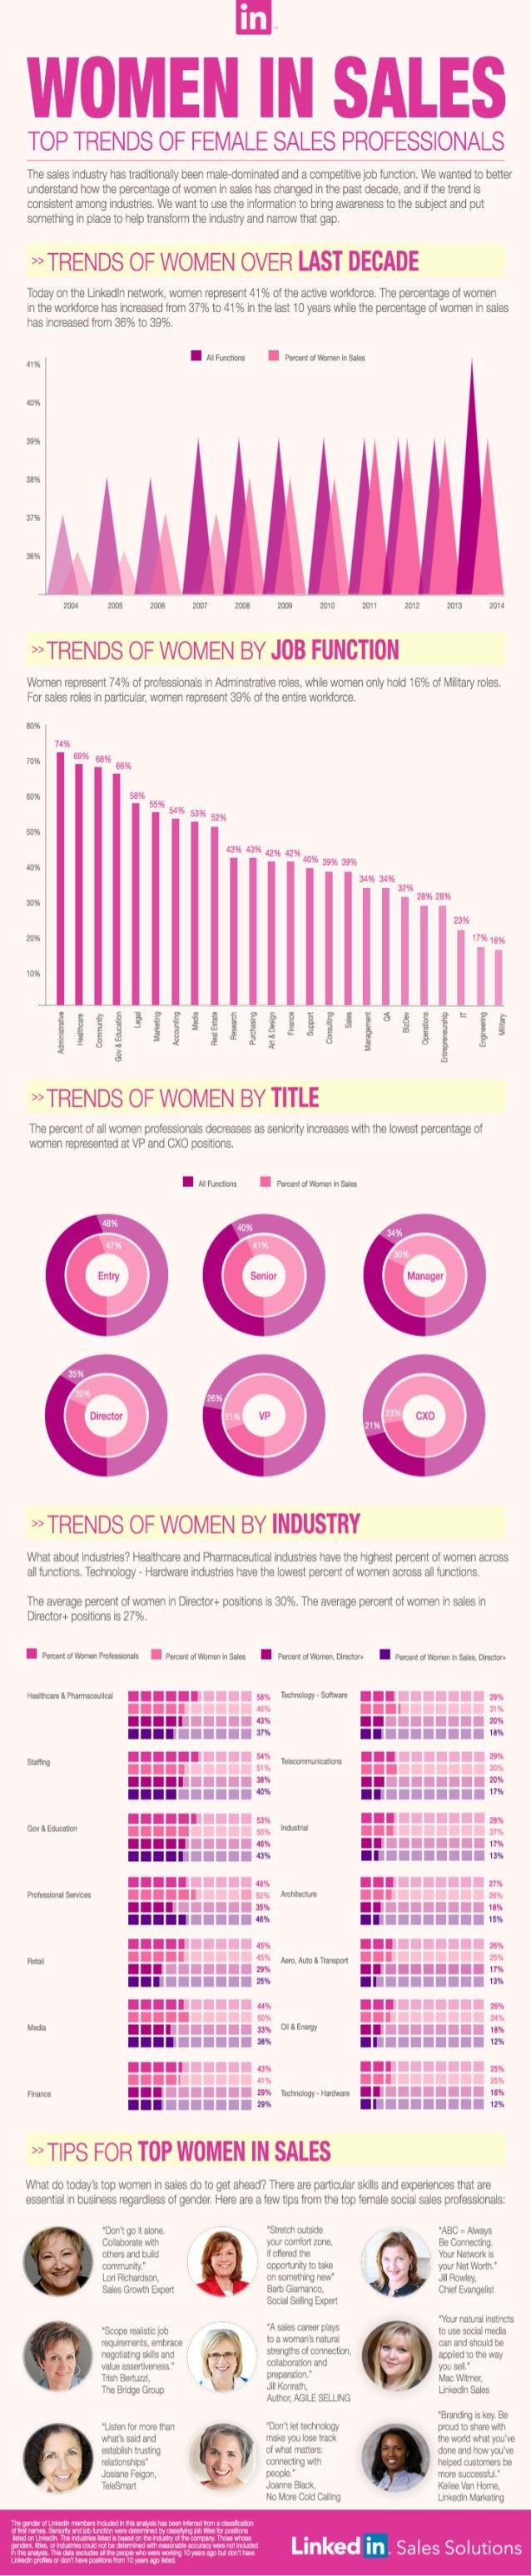 Trends Of Women In Sales - By LinkedIn